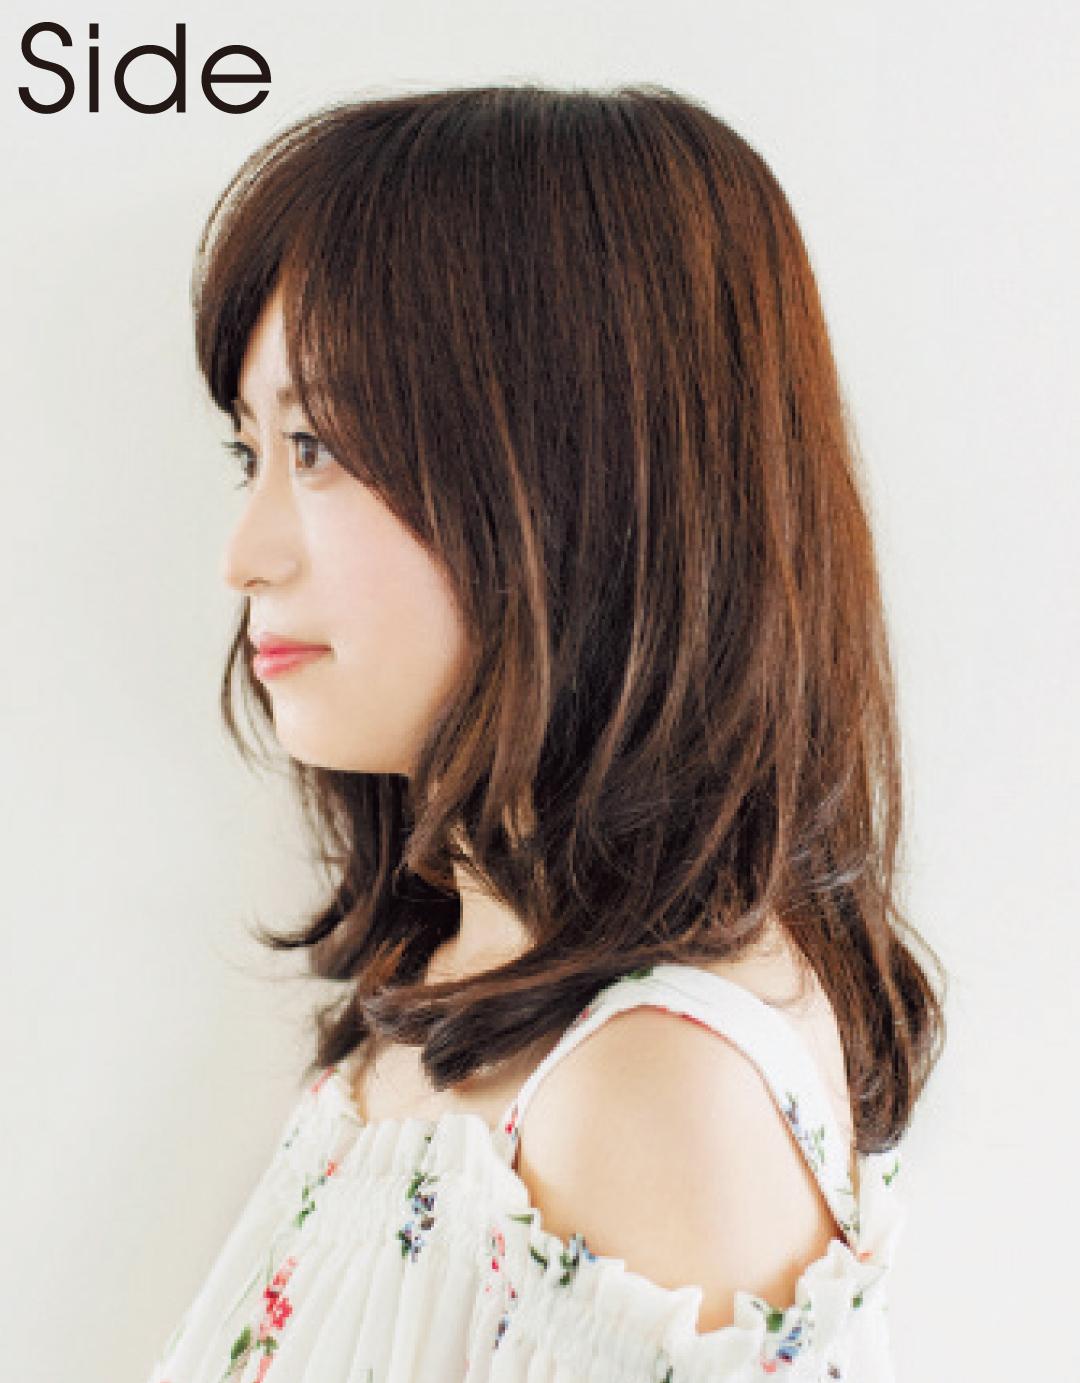 有村架純さんのヘアスタイルを大研究! キュートなミディアムならコチラ♡_1_6-1